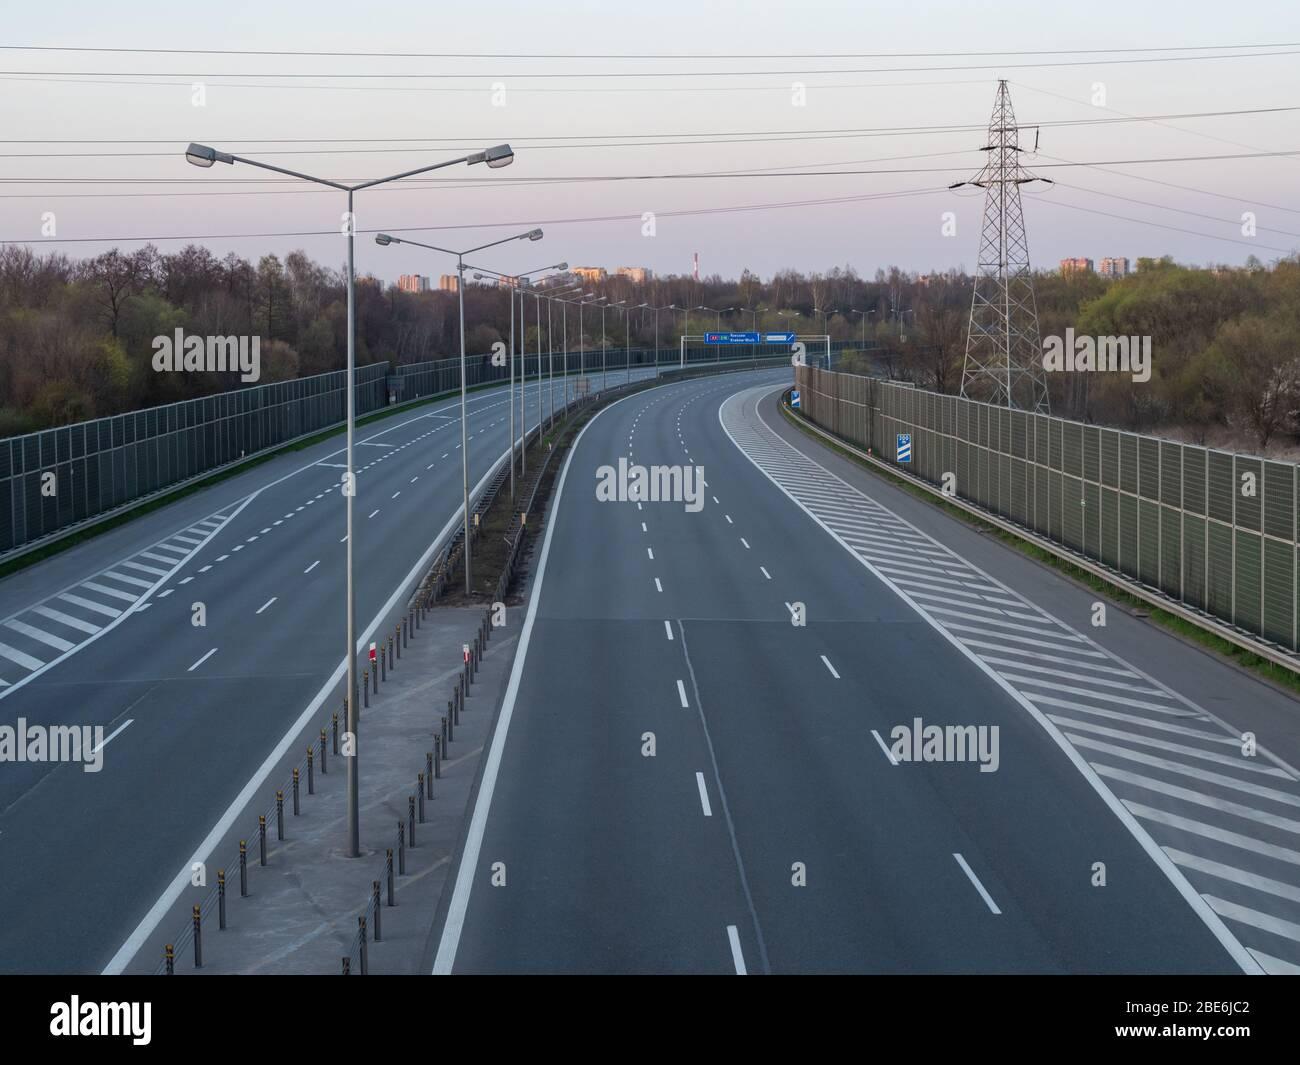 Généralement pleine de voiture, maintenant vide la route 4 en raison de la pandémie de coronavirus. Sur les enseignes noms de ville et directions en Pologne, Cracovie. Banque D'Images